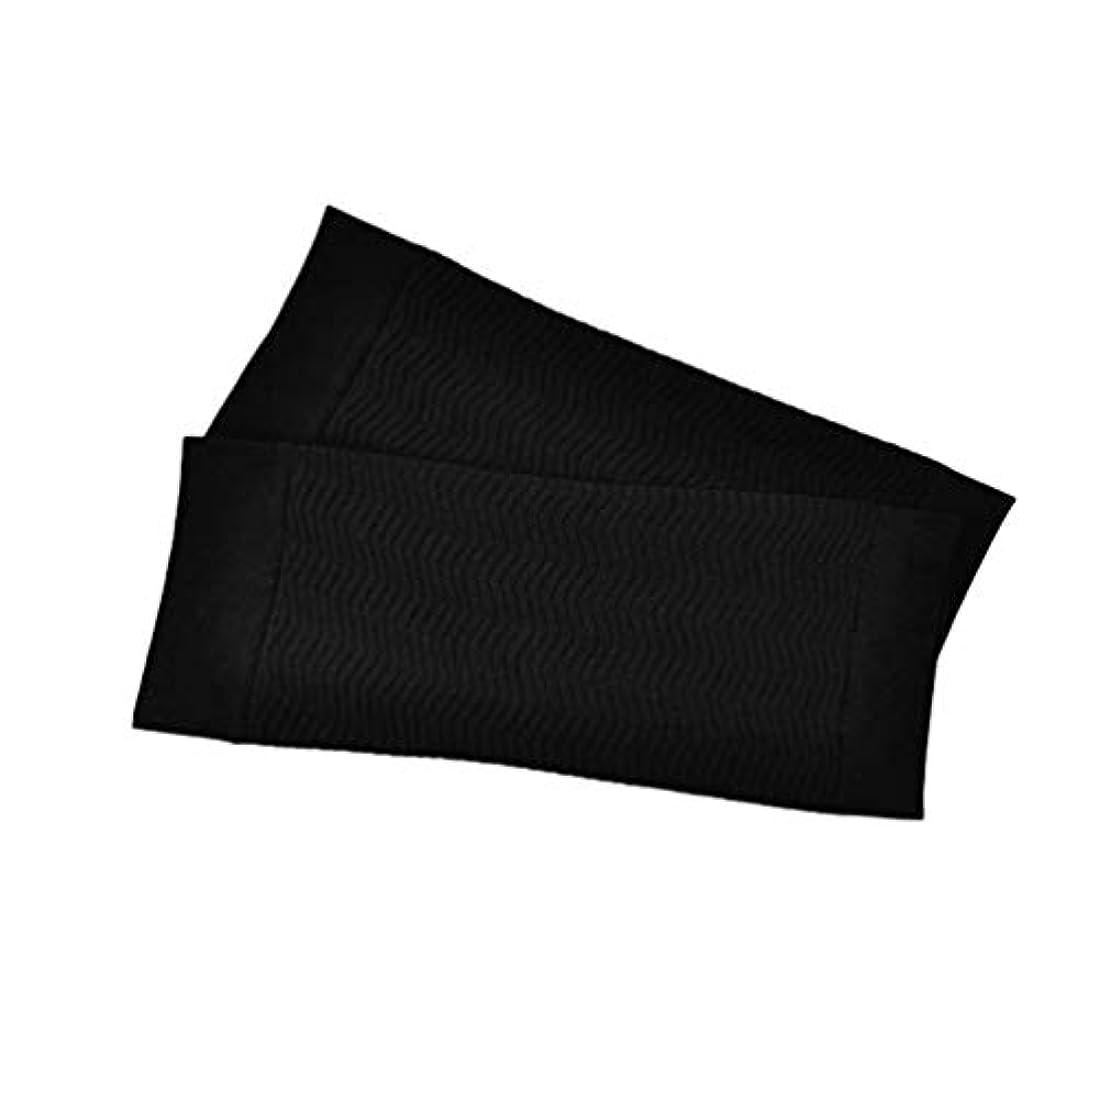 動機独立シマウマ1ペア680 D圧縮アームシェイパーワークアウトトーニングバーンセルライトスリミングアームスリーブ脂肪燃焼半袖用女性 - ブラック